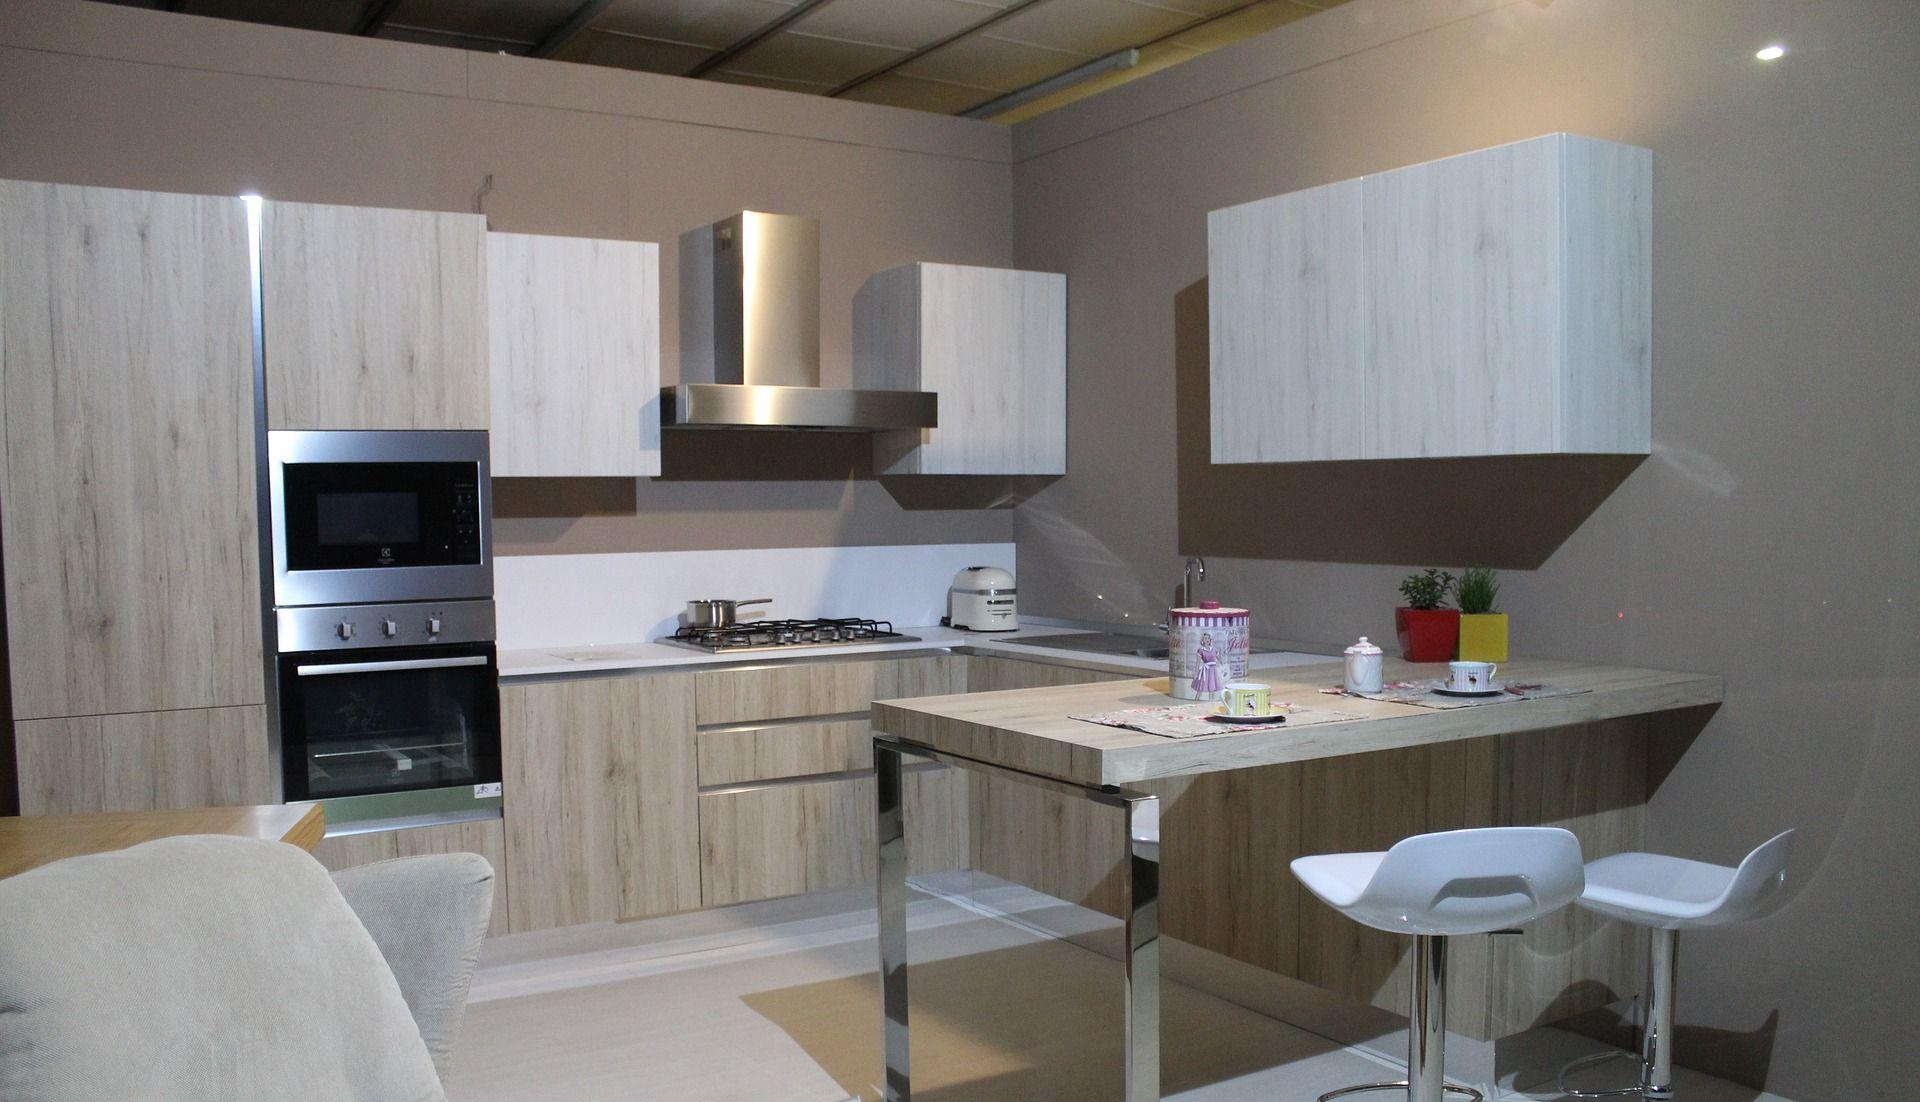 Muebles de cocina gij n c mo aprovechar el espacio de tu - Cocinas en gijon ...